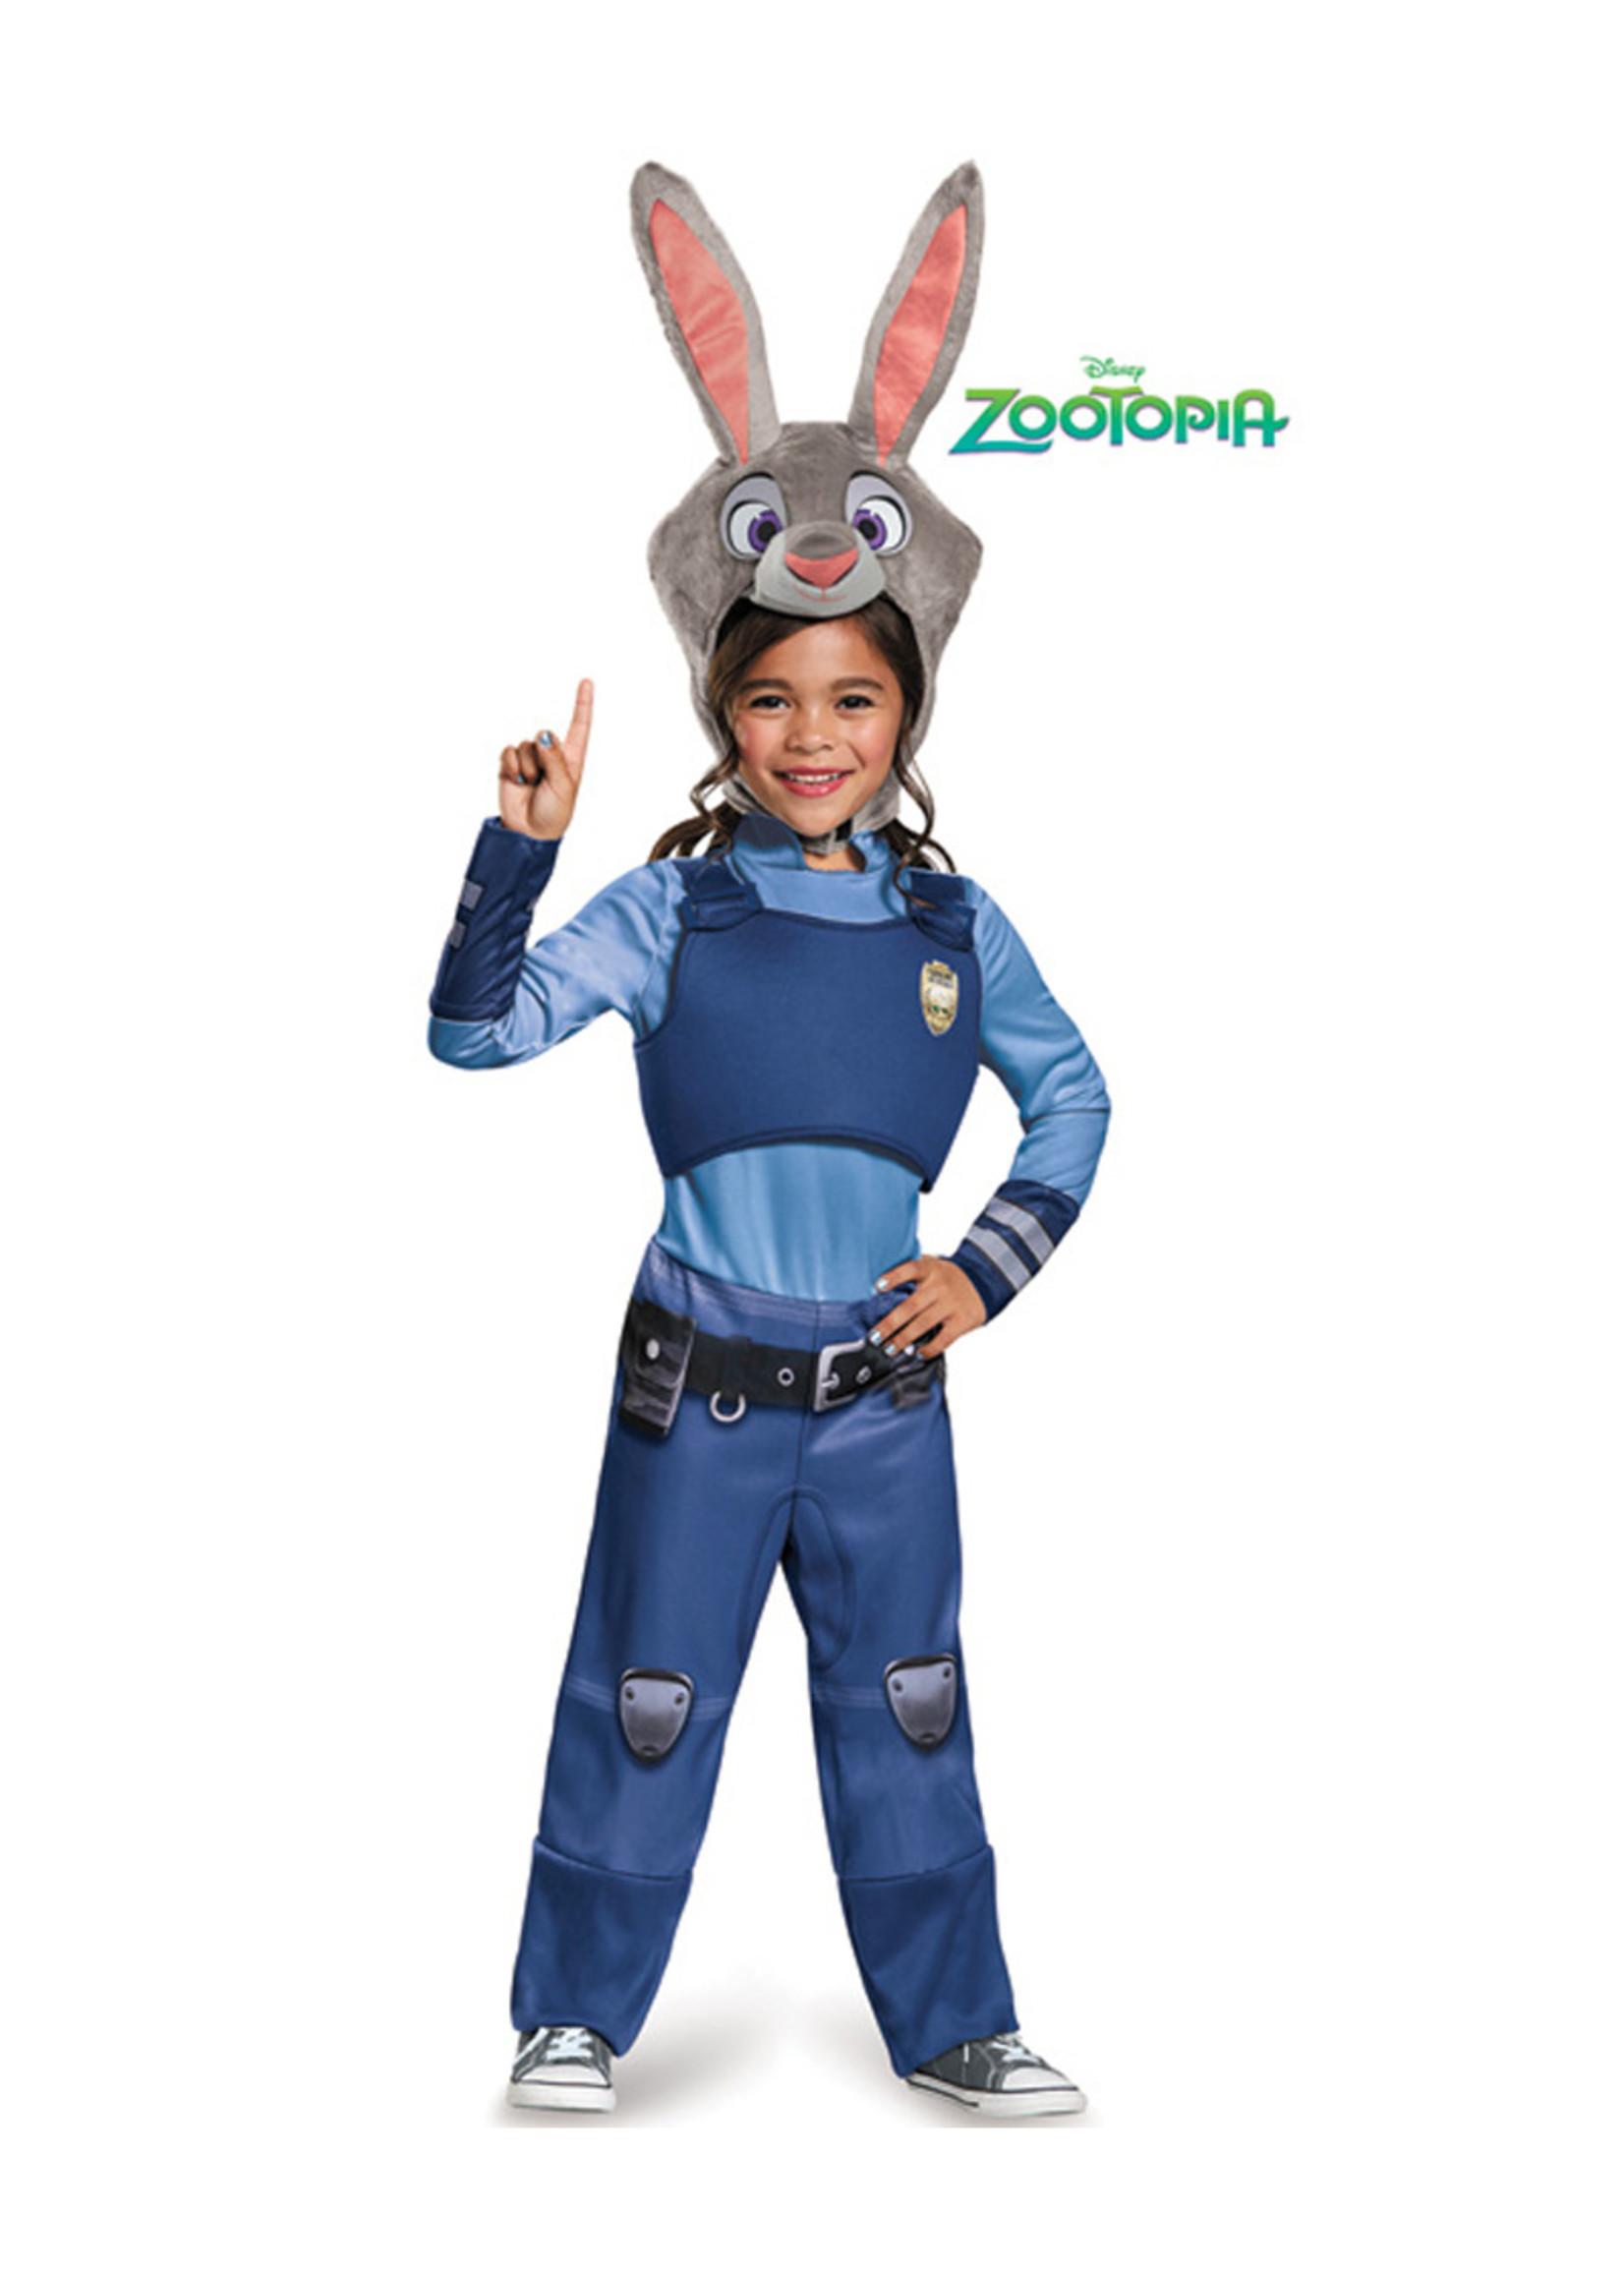 Judy Hopps - Zootopia Costume - Girls